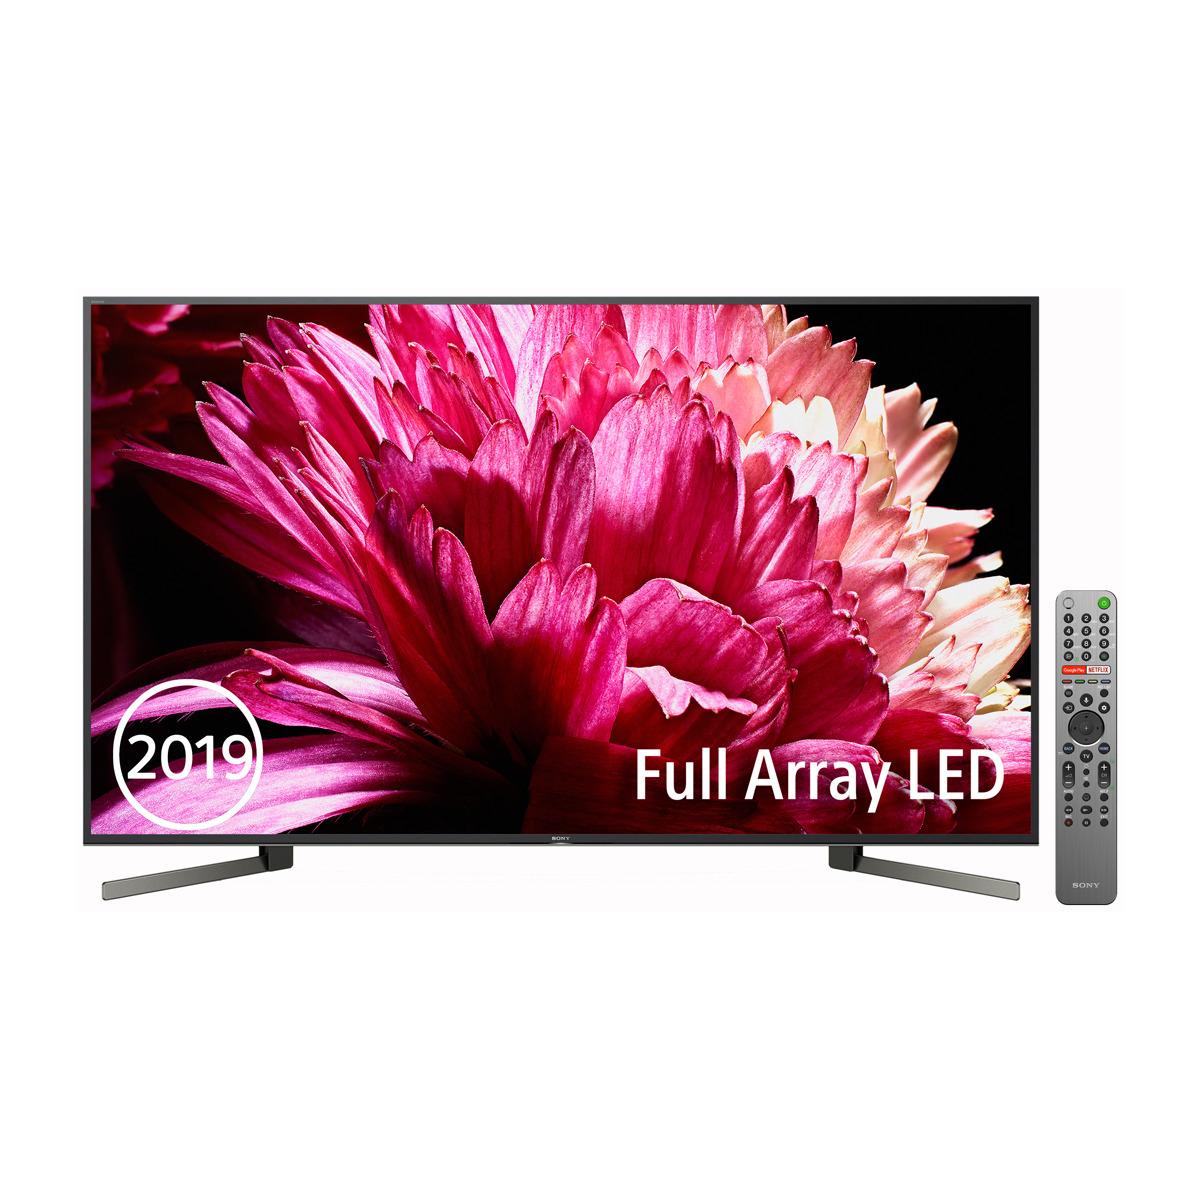 """TV LED 55"""" - Sony KD-55XG9505 4K HDR, Full Array LED"""